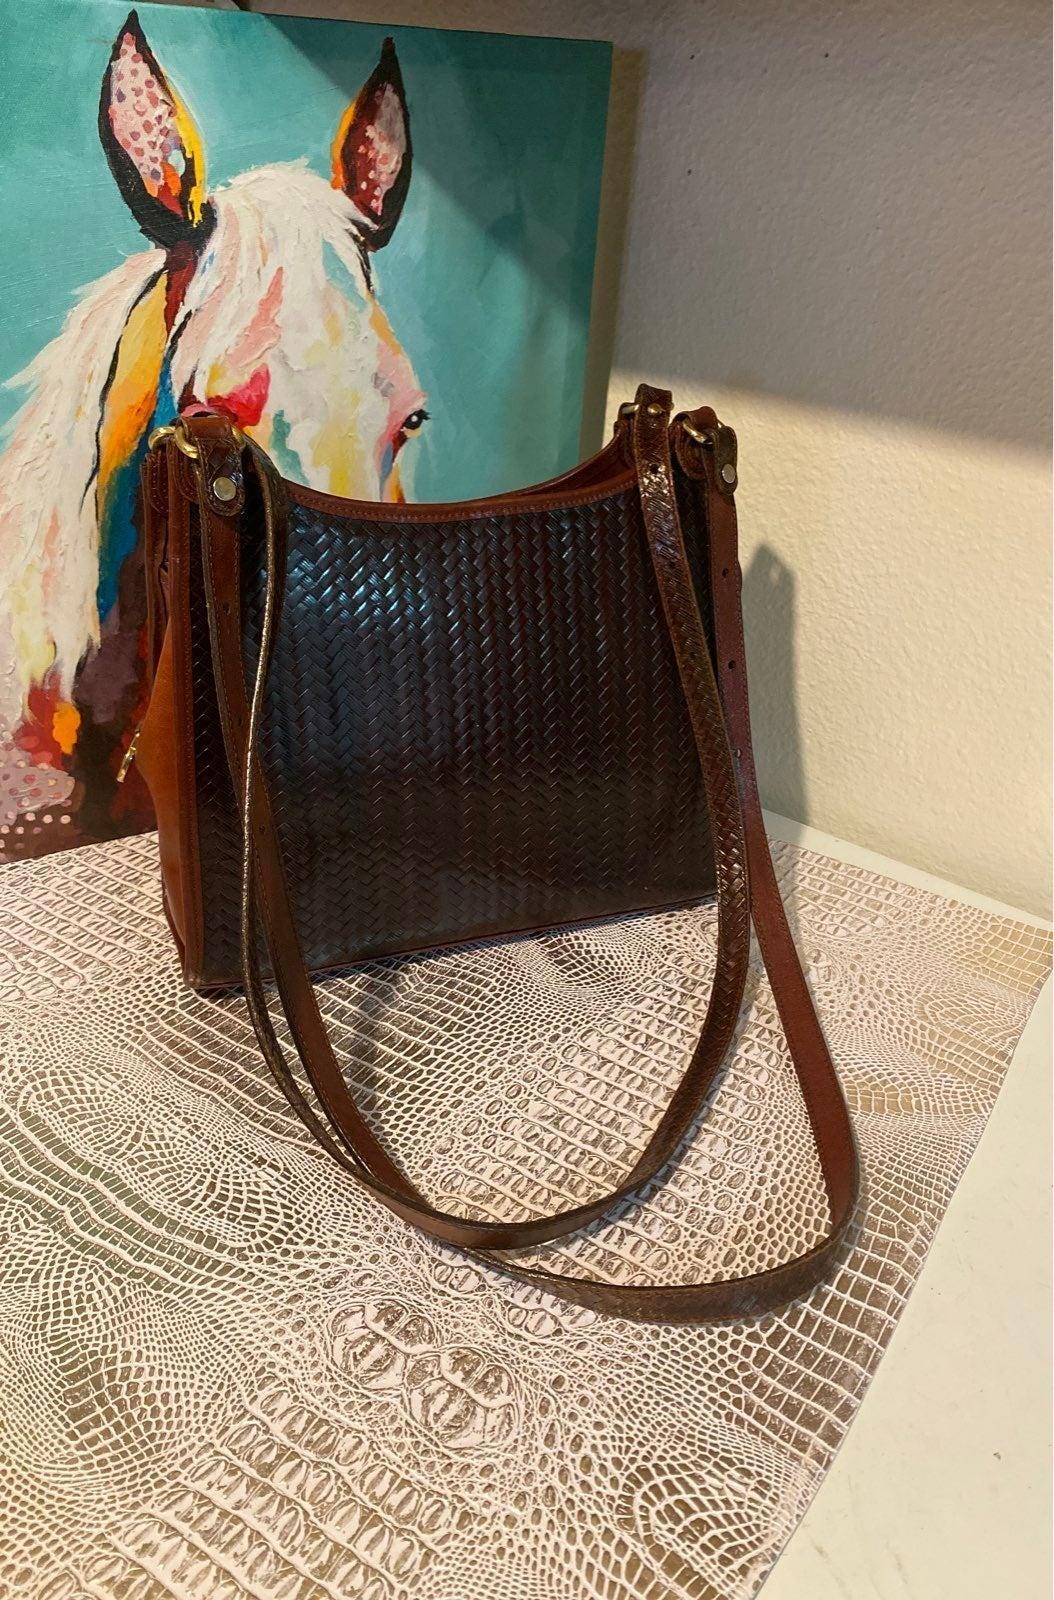 Vintage Brahmin purse